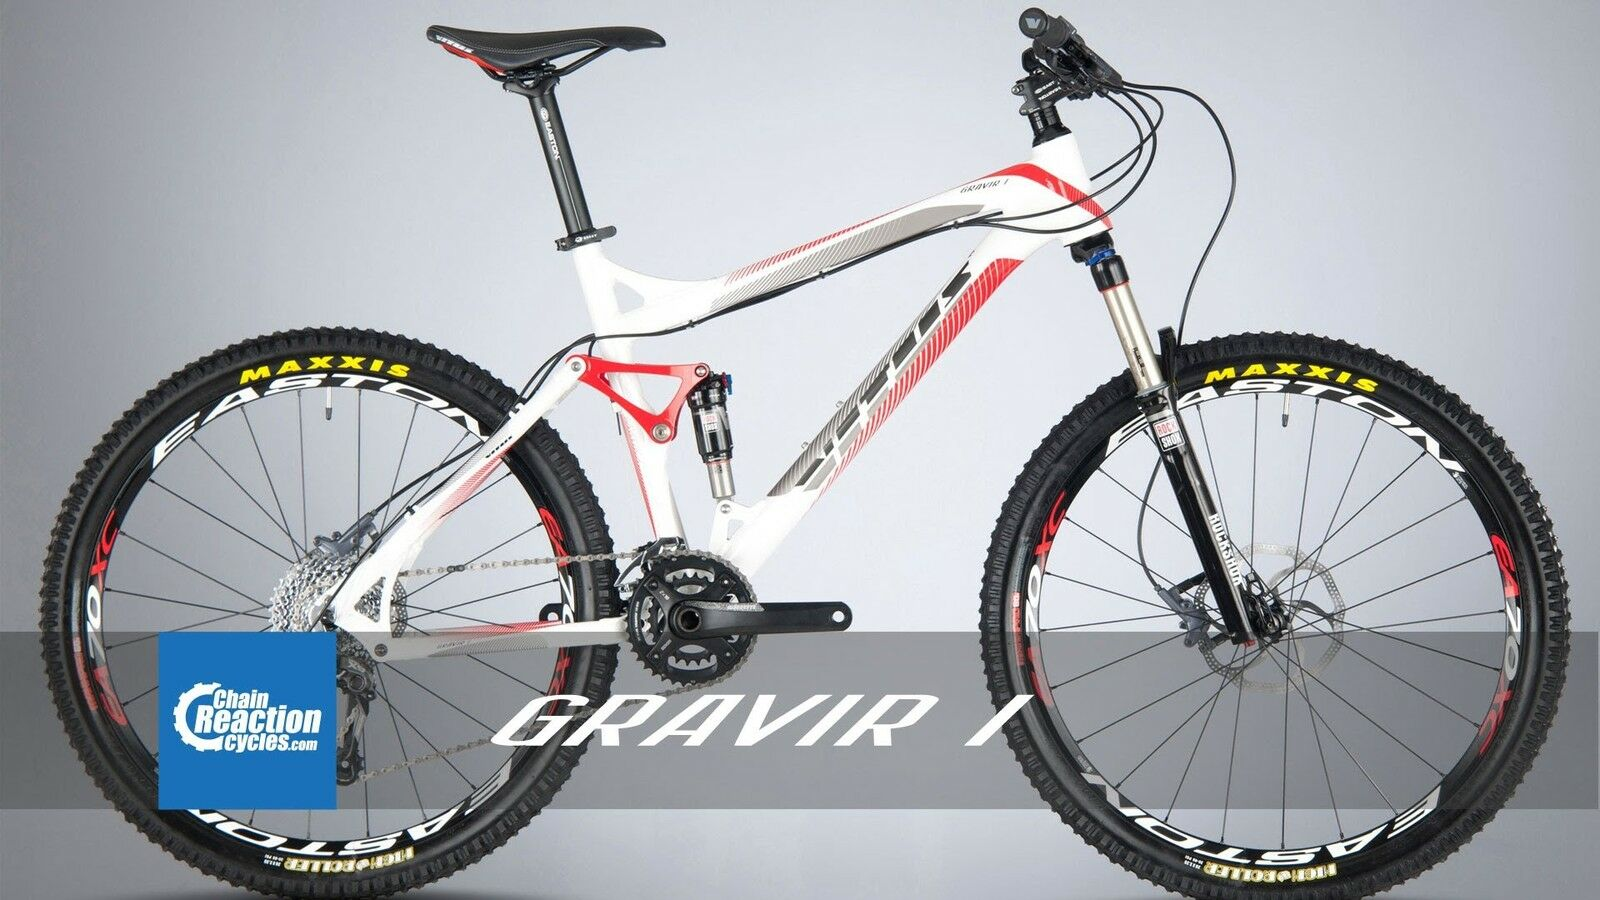 Vitus Vitus Vitus Fahrrad MTB Rahmen Pivot Lager (Eschuhe, Gravir,Sommet,dominer) 879e11